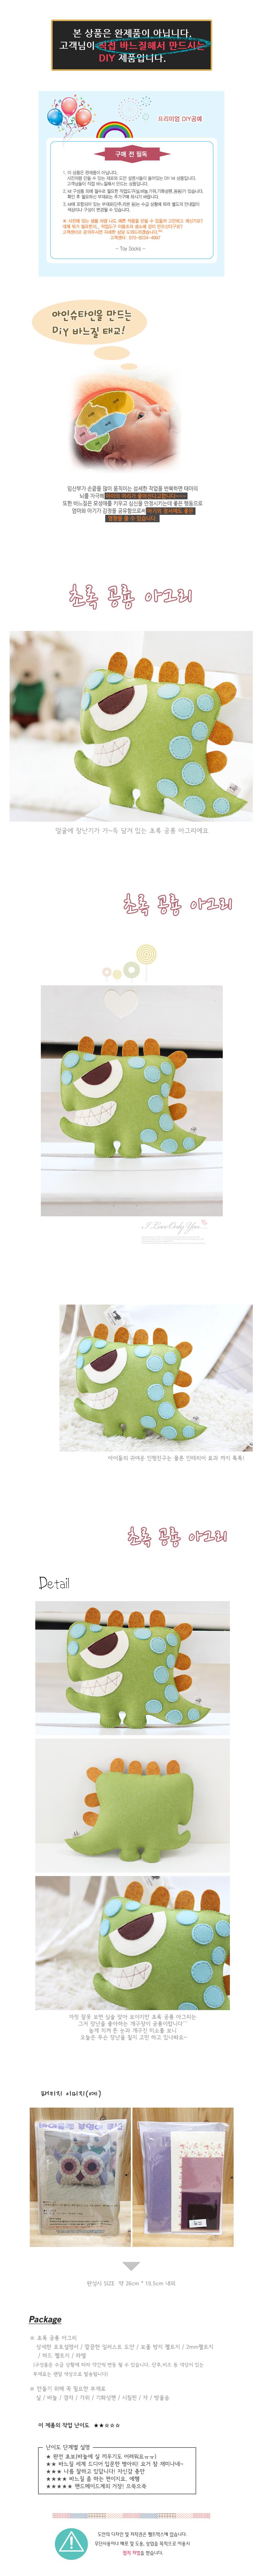 초록공룡 아그리 펠트만들기 - 펠트박스, 12,000원, 펠트공예, 펠트인형 패키지